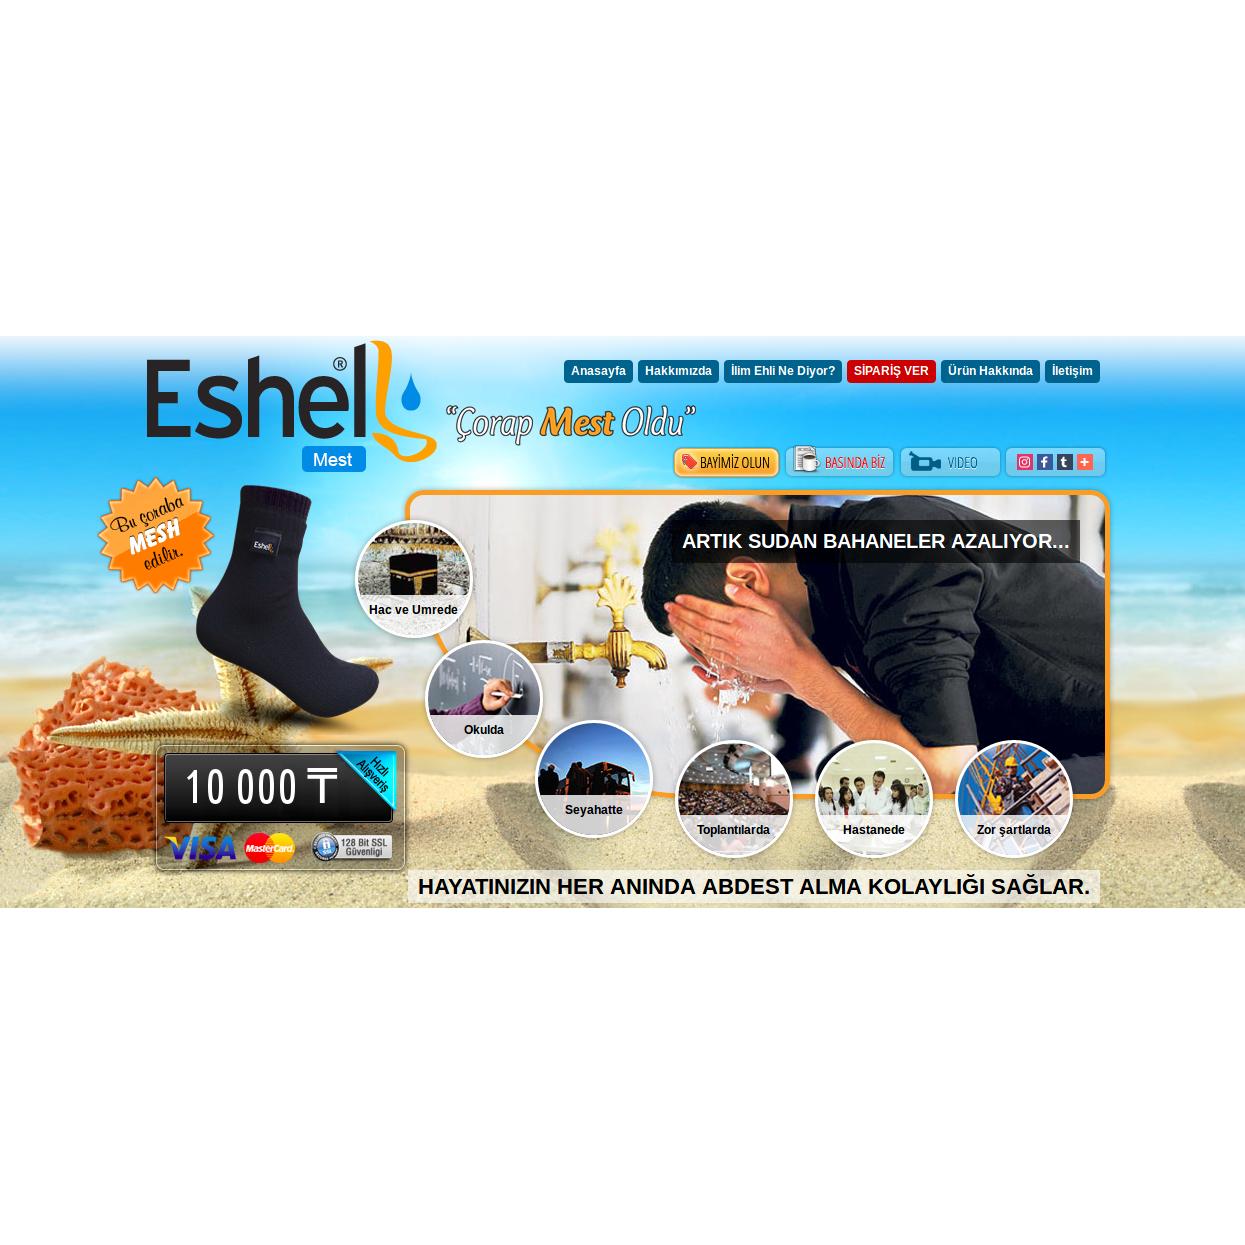 Водонепроницаемые носки эшел, Турция